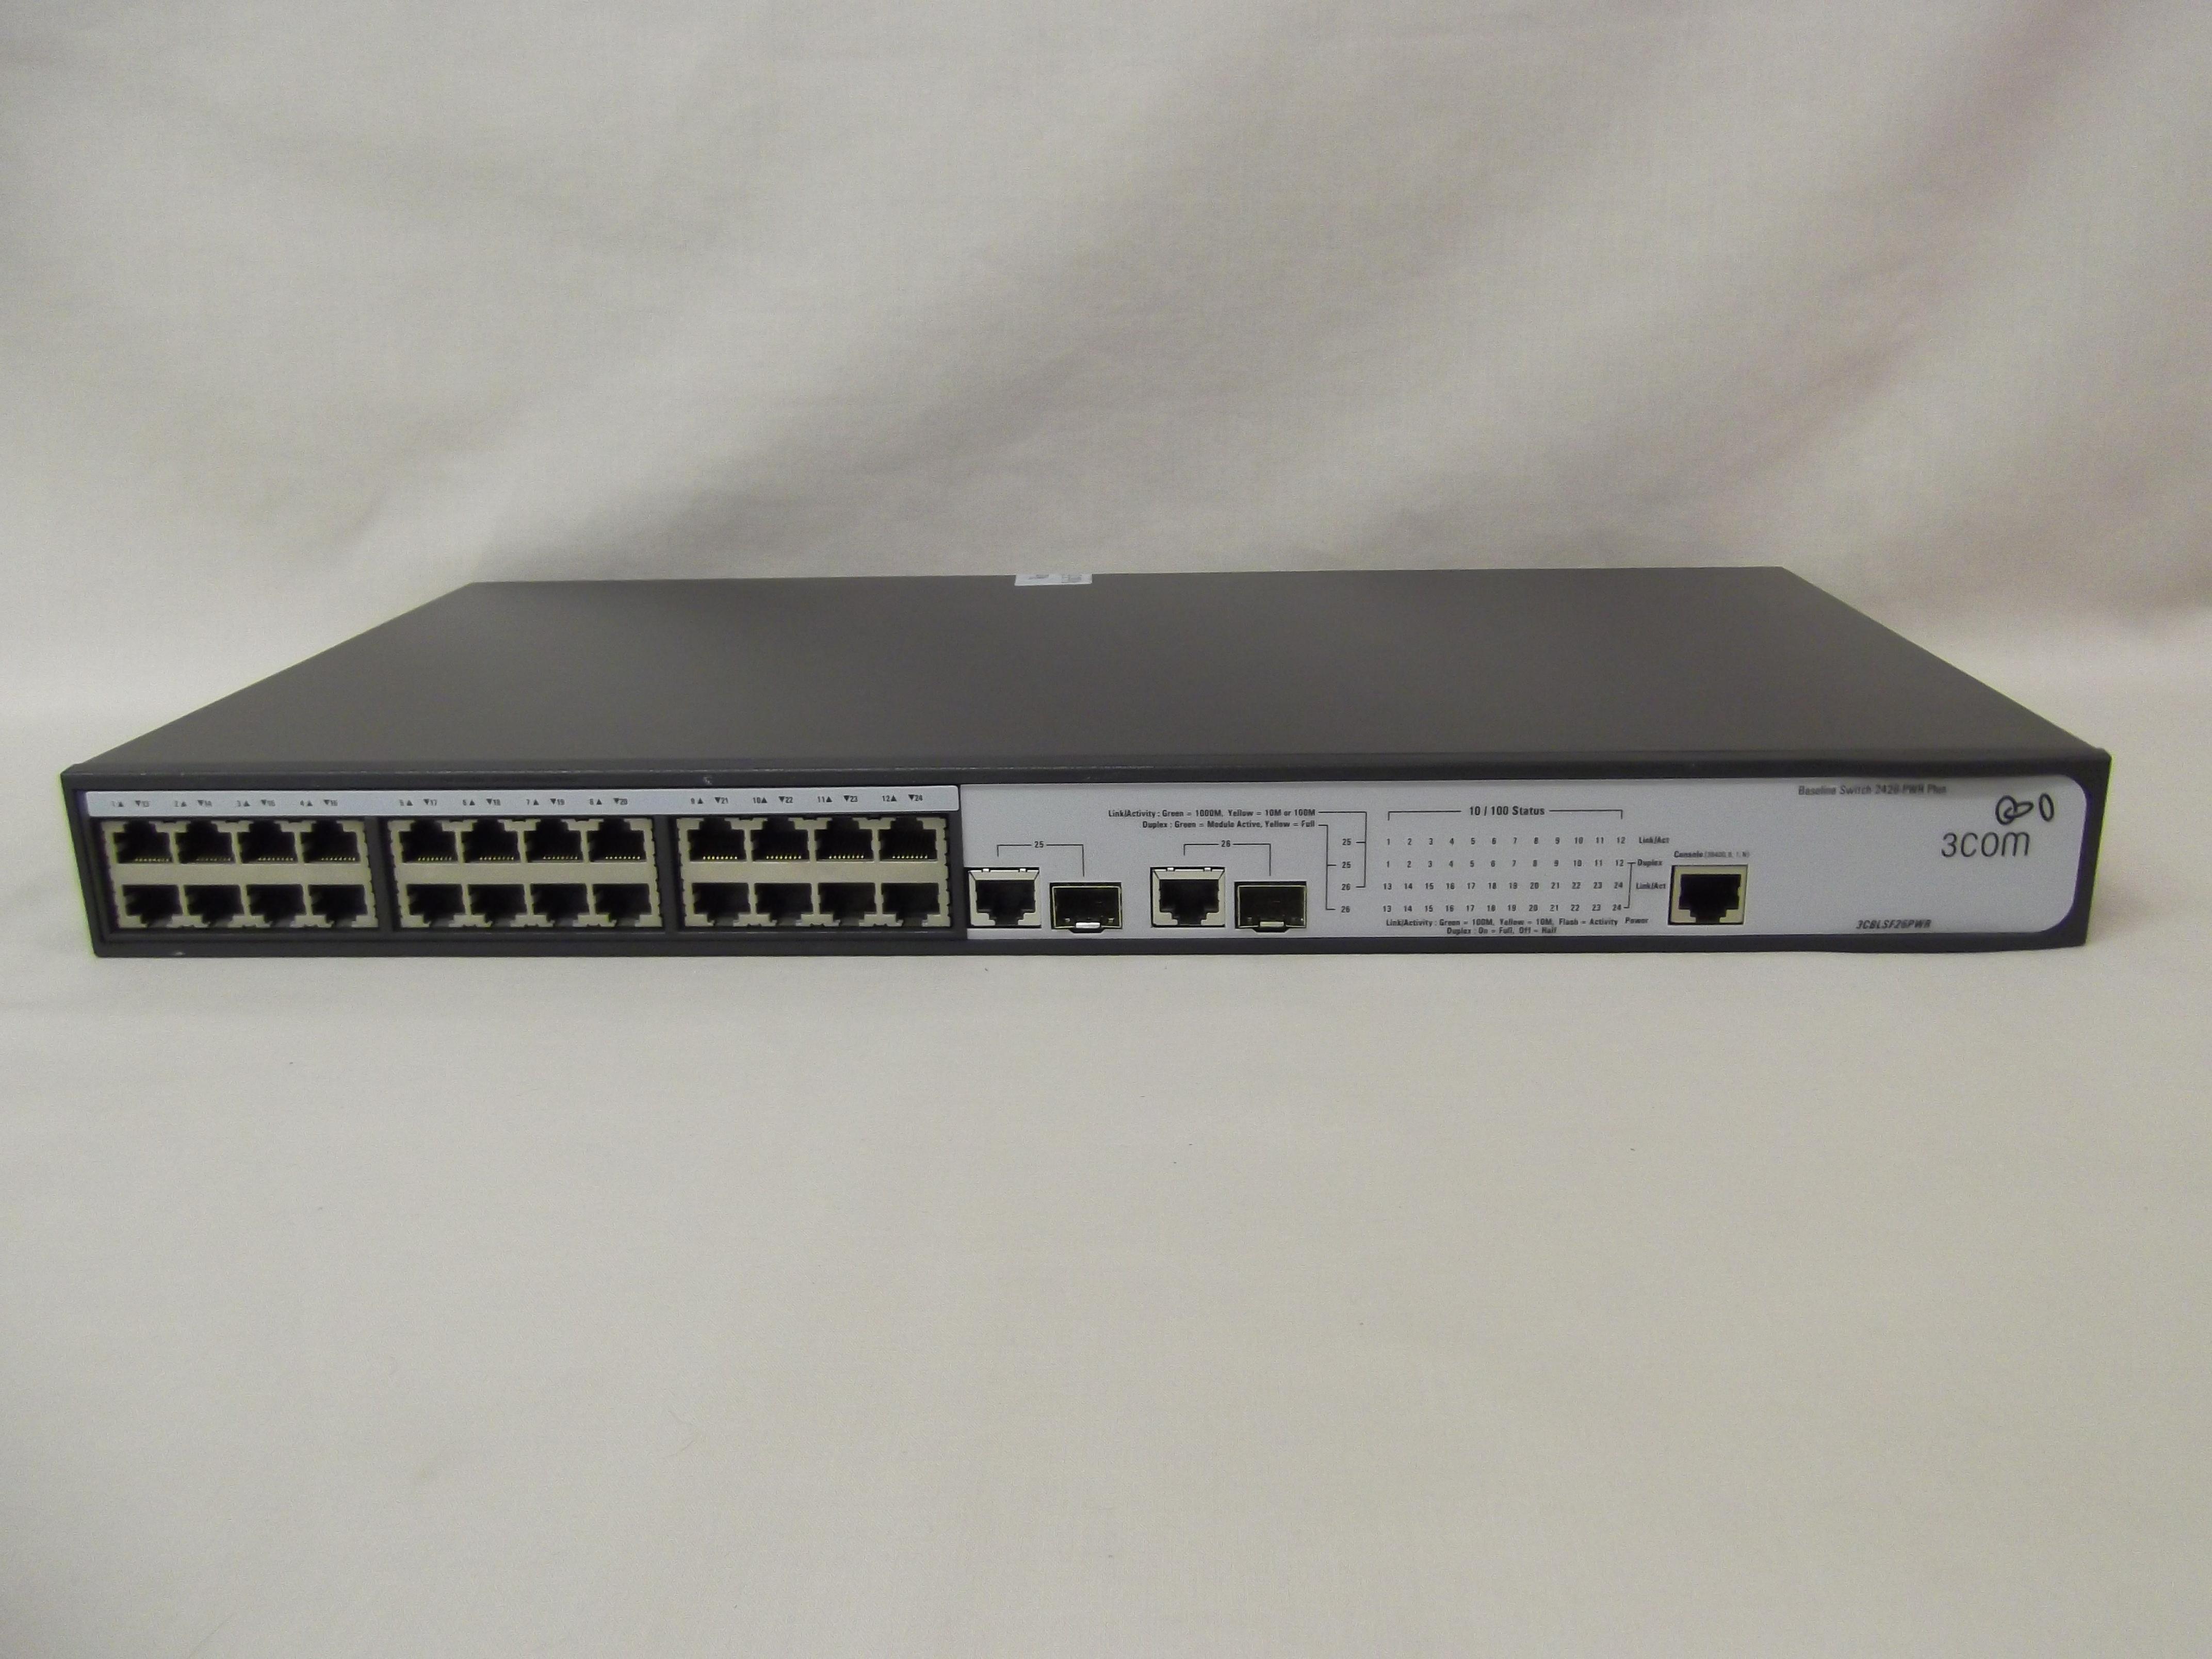 3CBLSF26PWR (JF536A) 3Com Baseline Switch 2426 Plus PWR